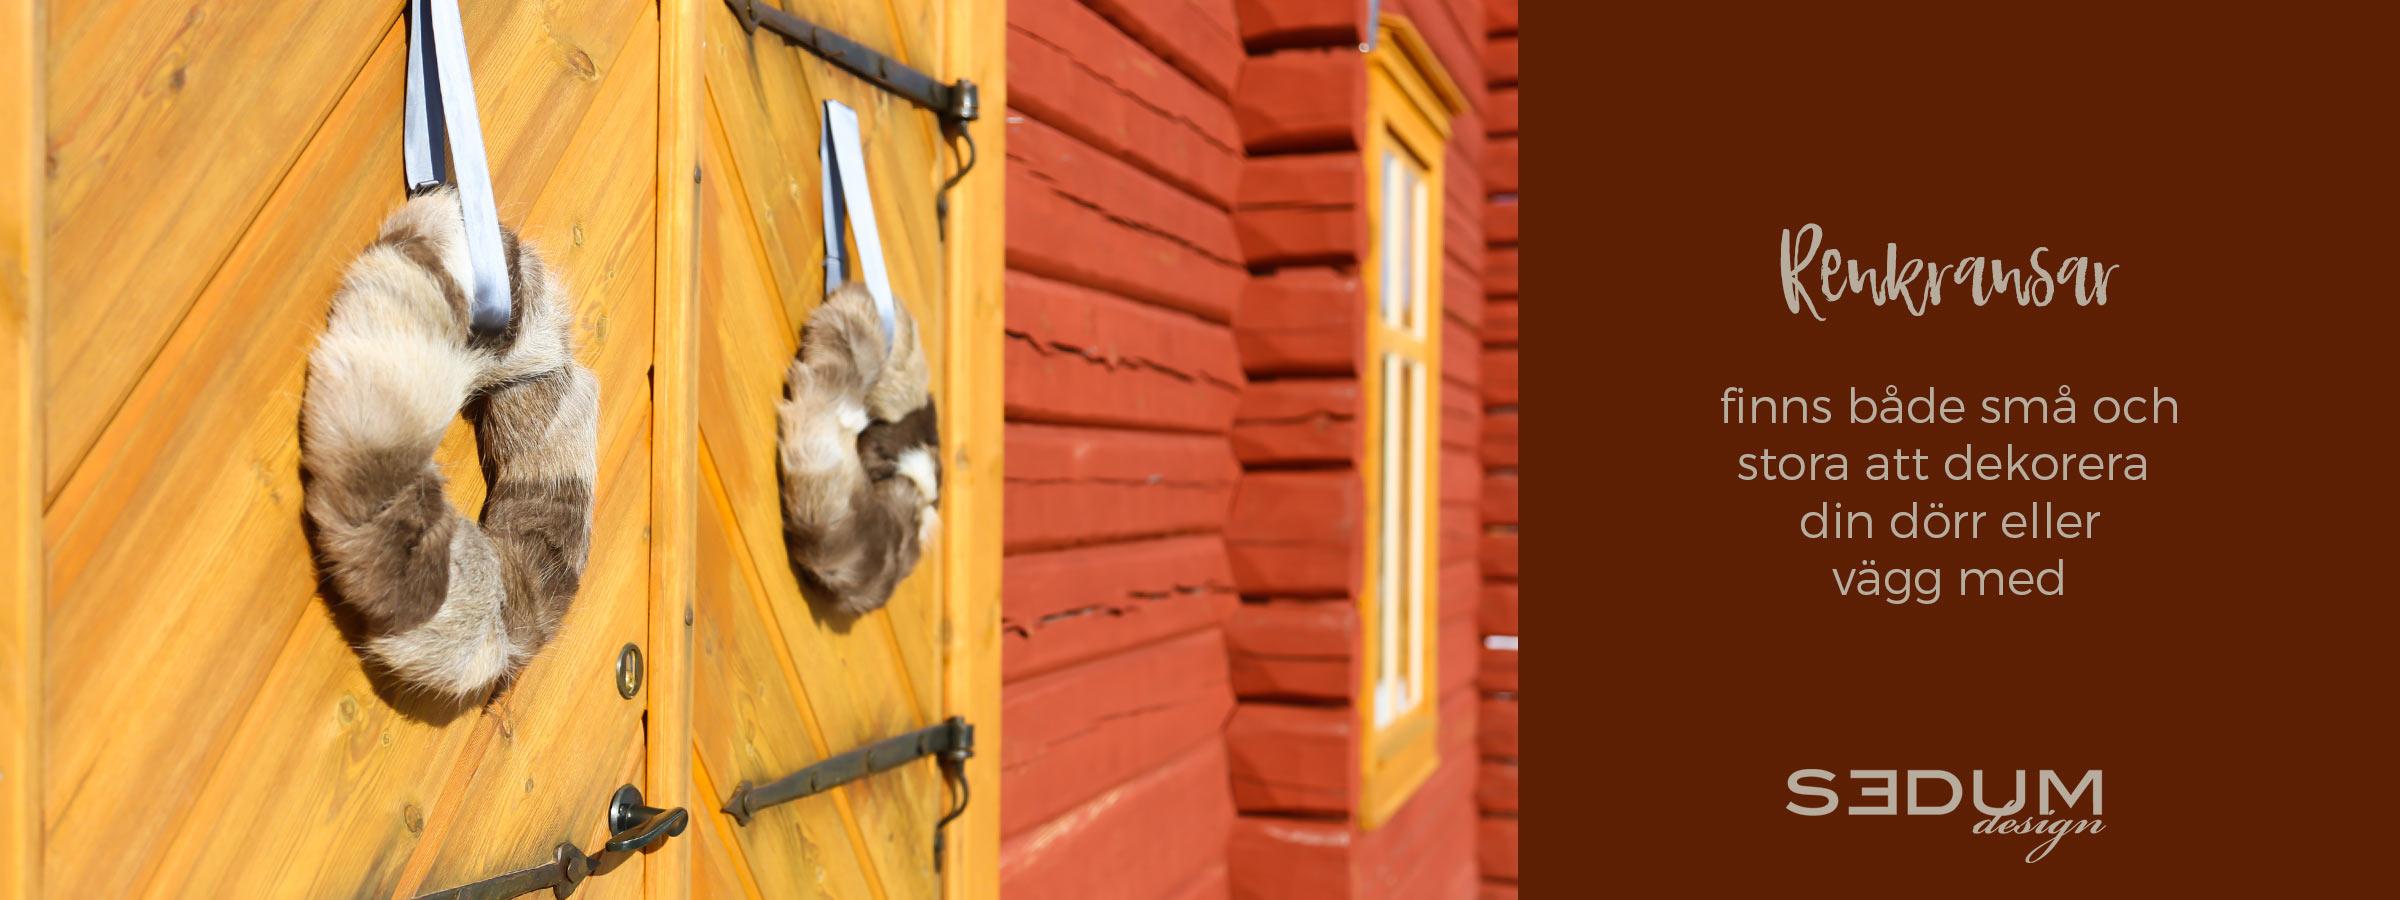 Renkransar-på-dörr